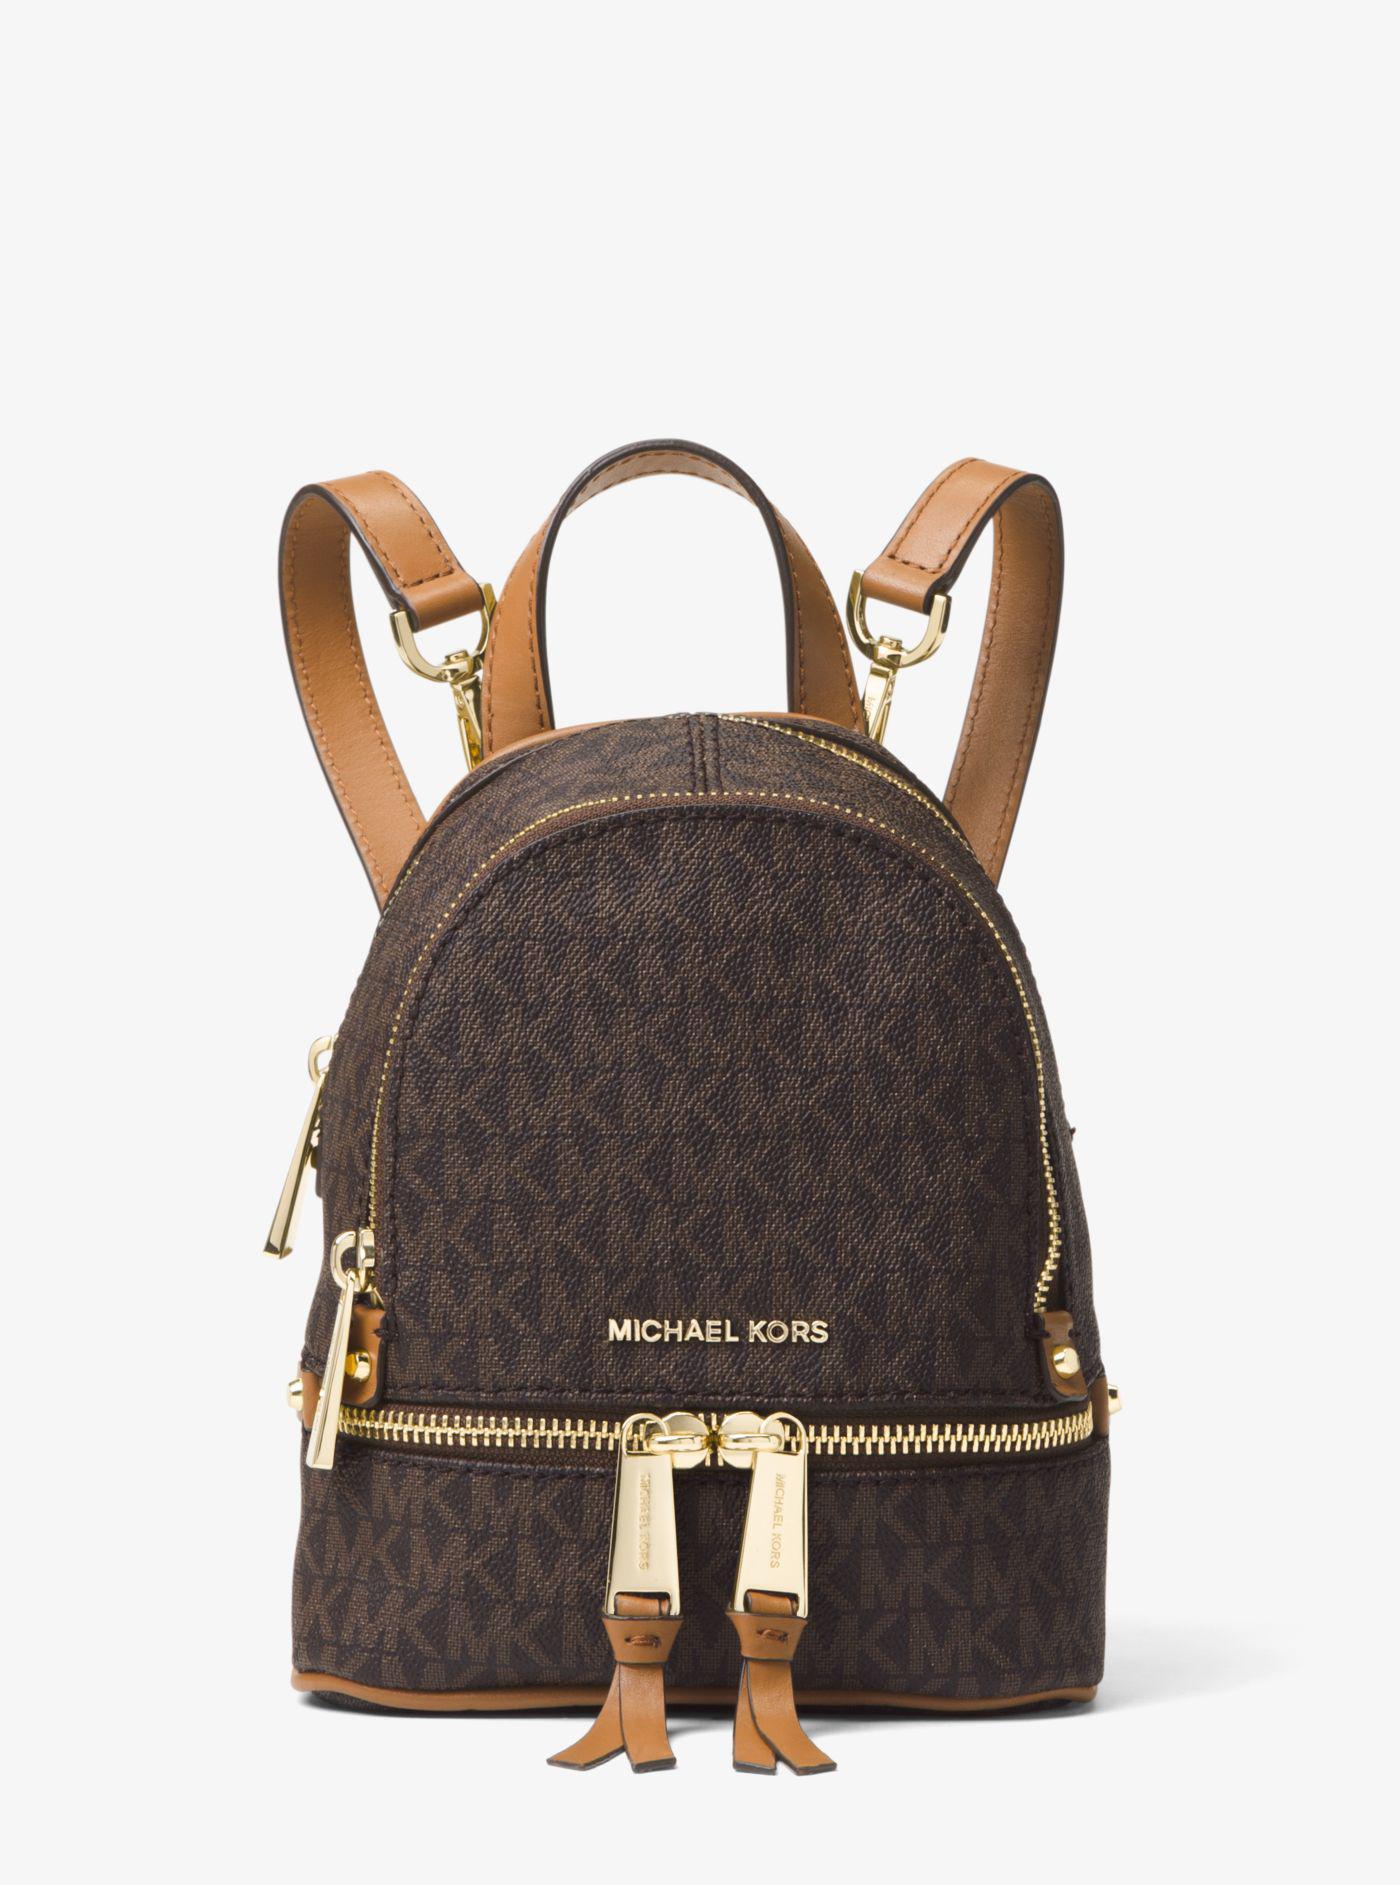 lyst michael kors rhea mini logo backpack in brown rh lyst com michael kors mini backpack brown michael kors brown backpack sale